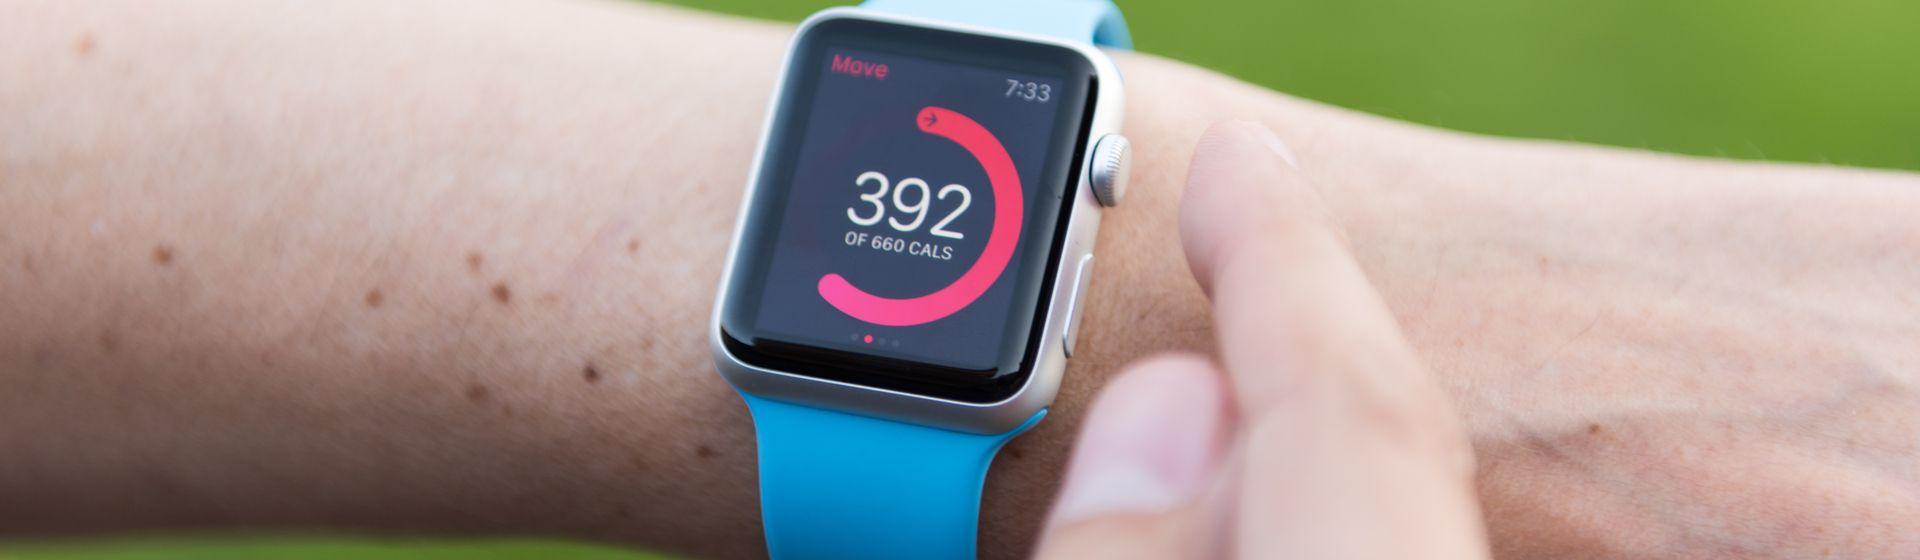 Smartwatches para praticar esportes no verão: 5 modelos para comprar em 2021